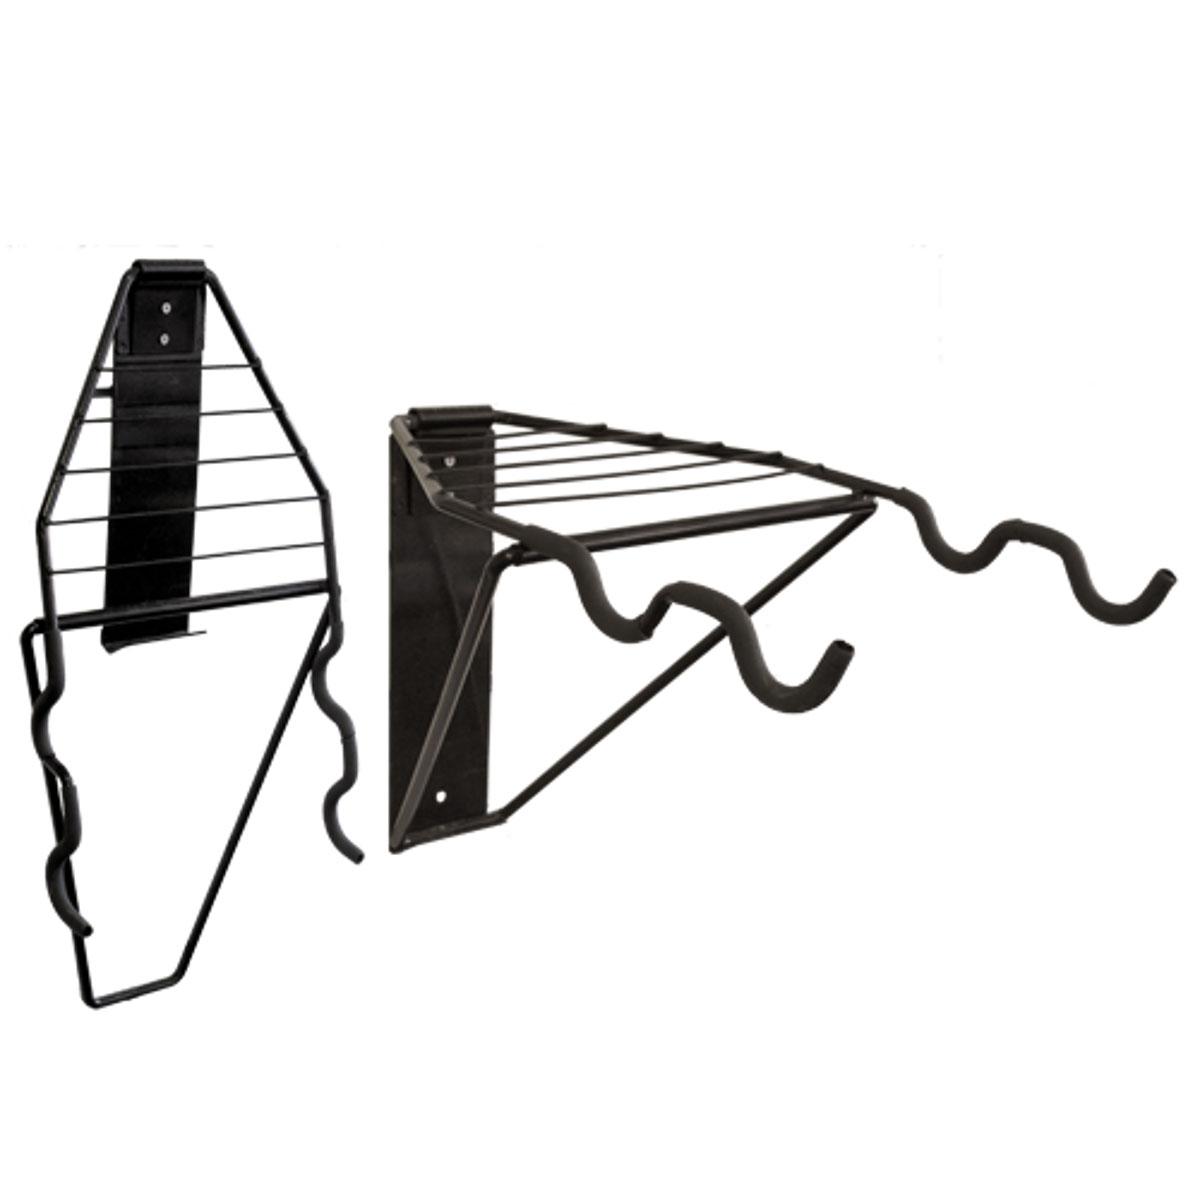 Подвесная система для 2-х велосипедов МастерПроф, горизонтальное хранениеBTL-19Отличная система для горизонтального хранения 2-х велосипедов с решёткой для хранения шлемов, перчаток, обуви и пр.Система складывается, когда не используется.